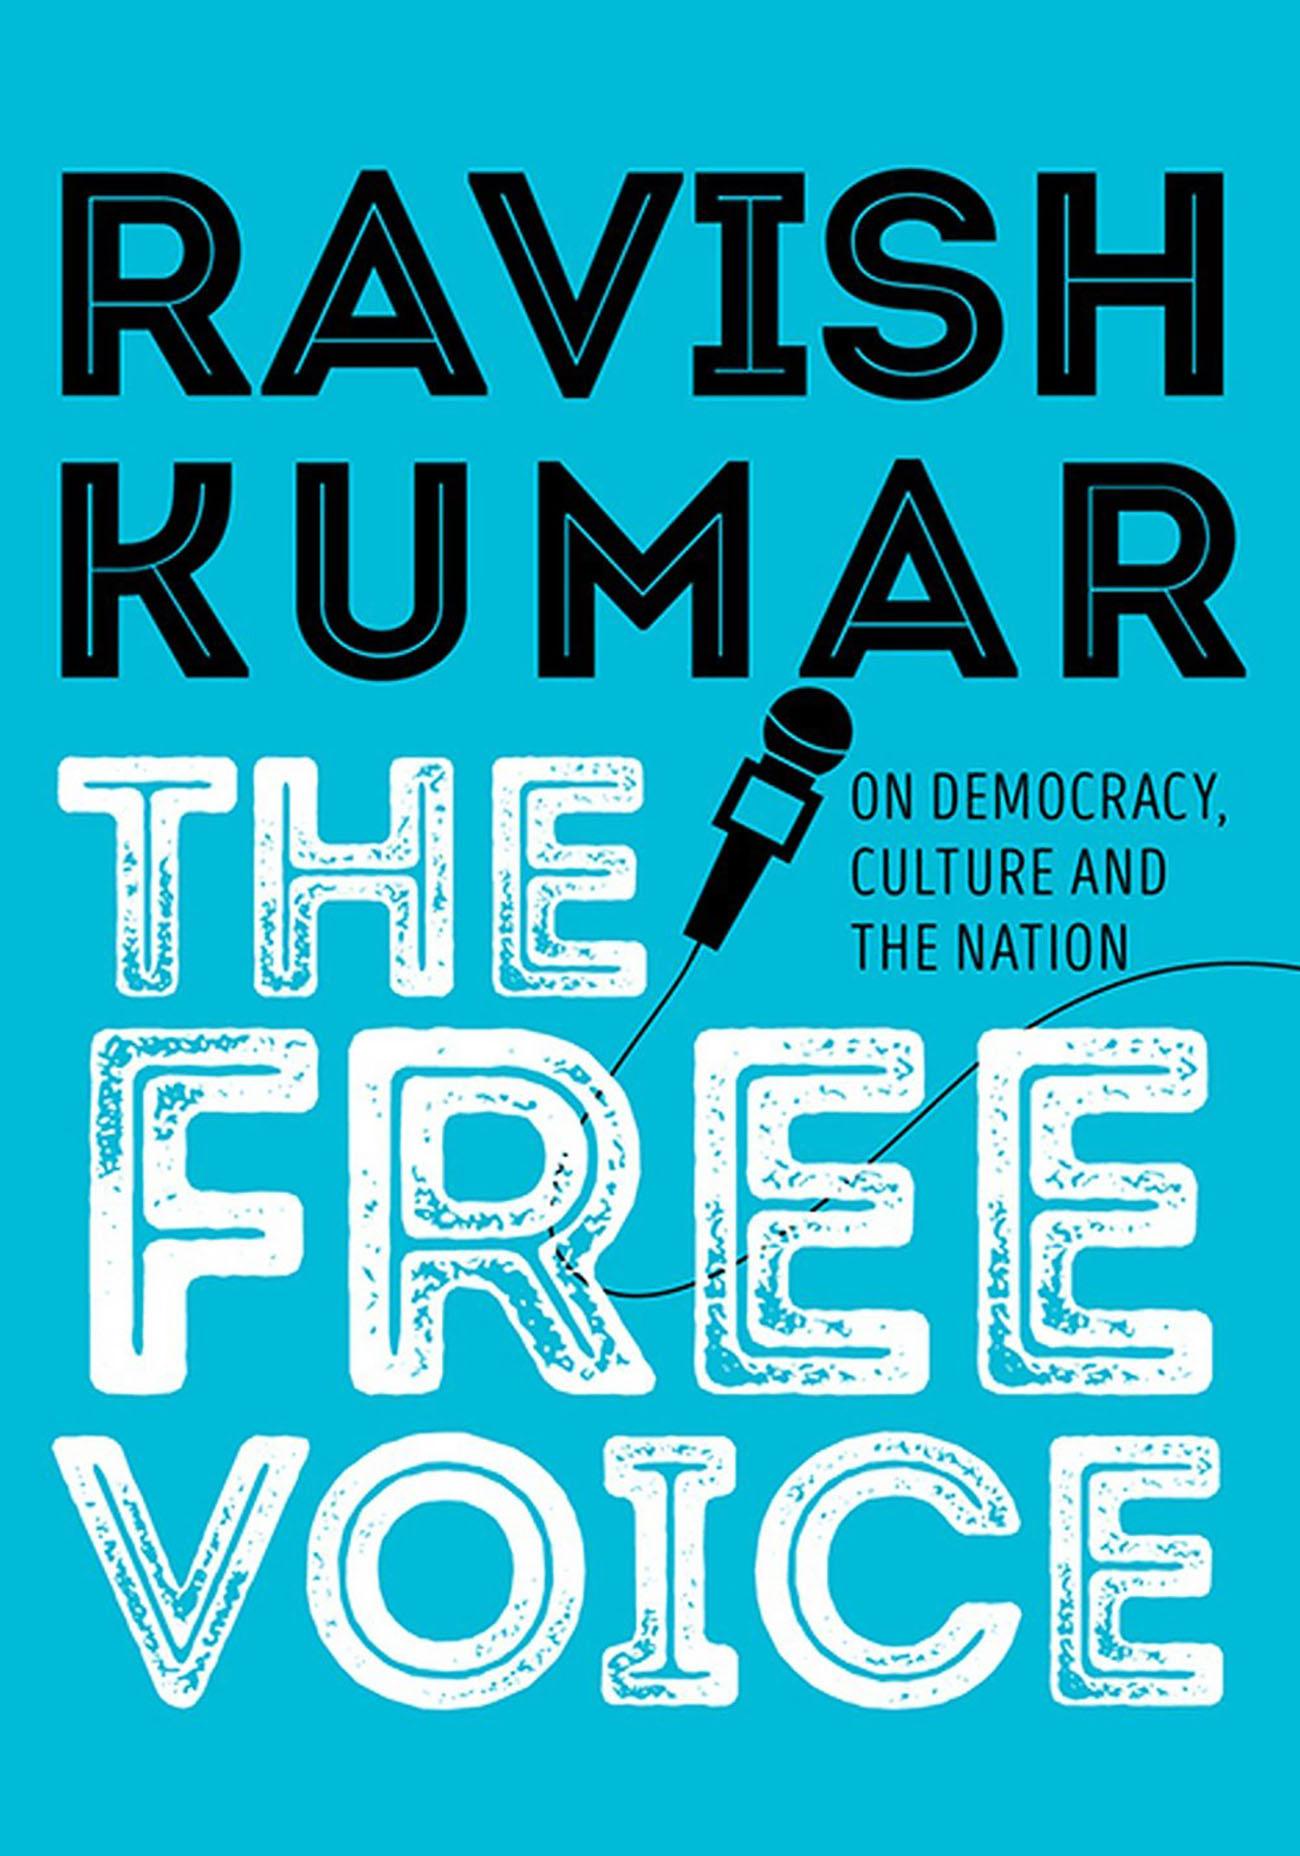 रवीश कुमारको 'द फ्री भोइस' : अभिव्यक्ति स्वतन्त्रताको प्रखर पैरवी